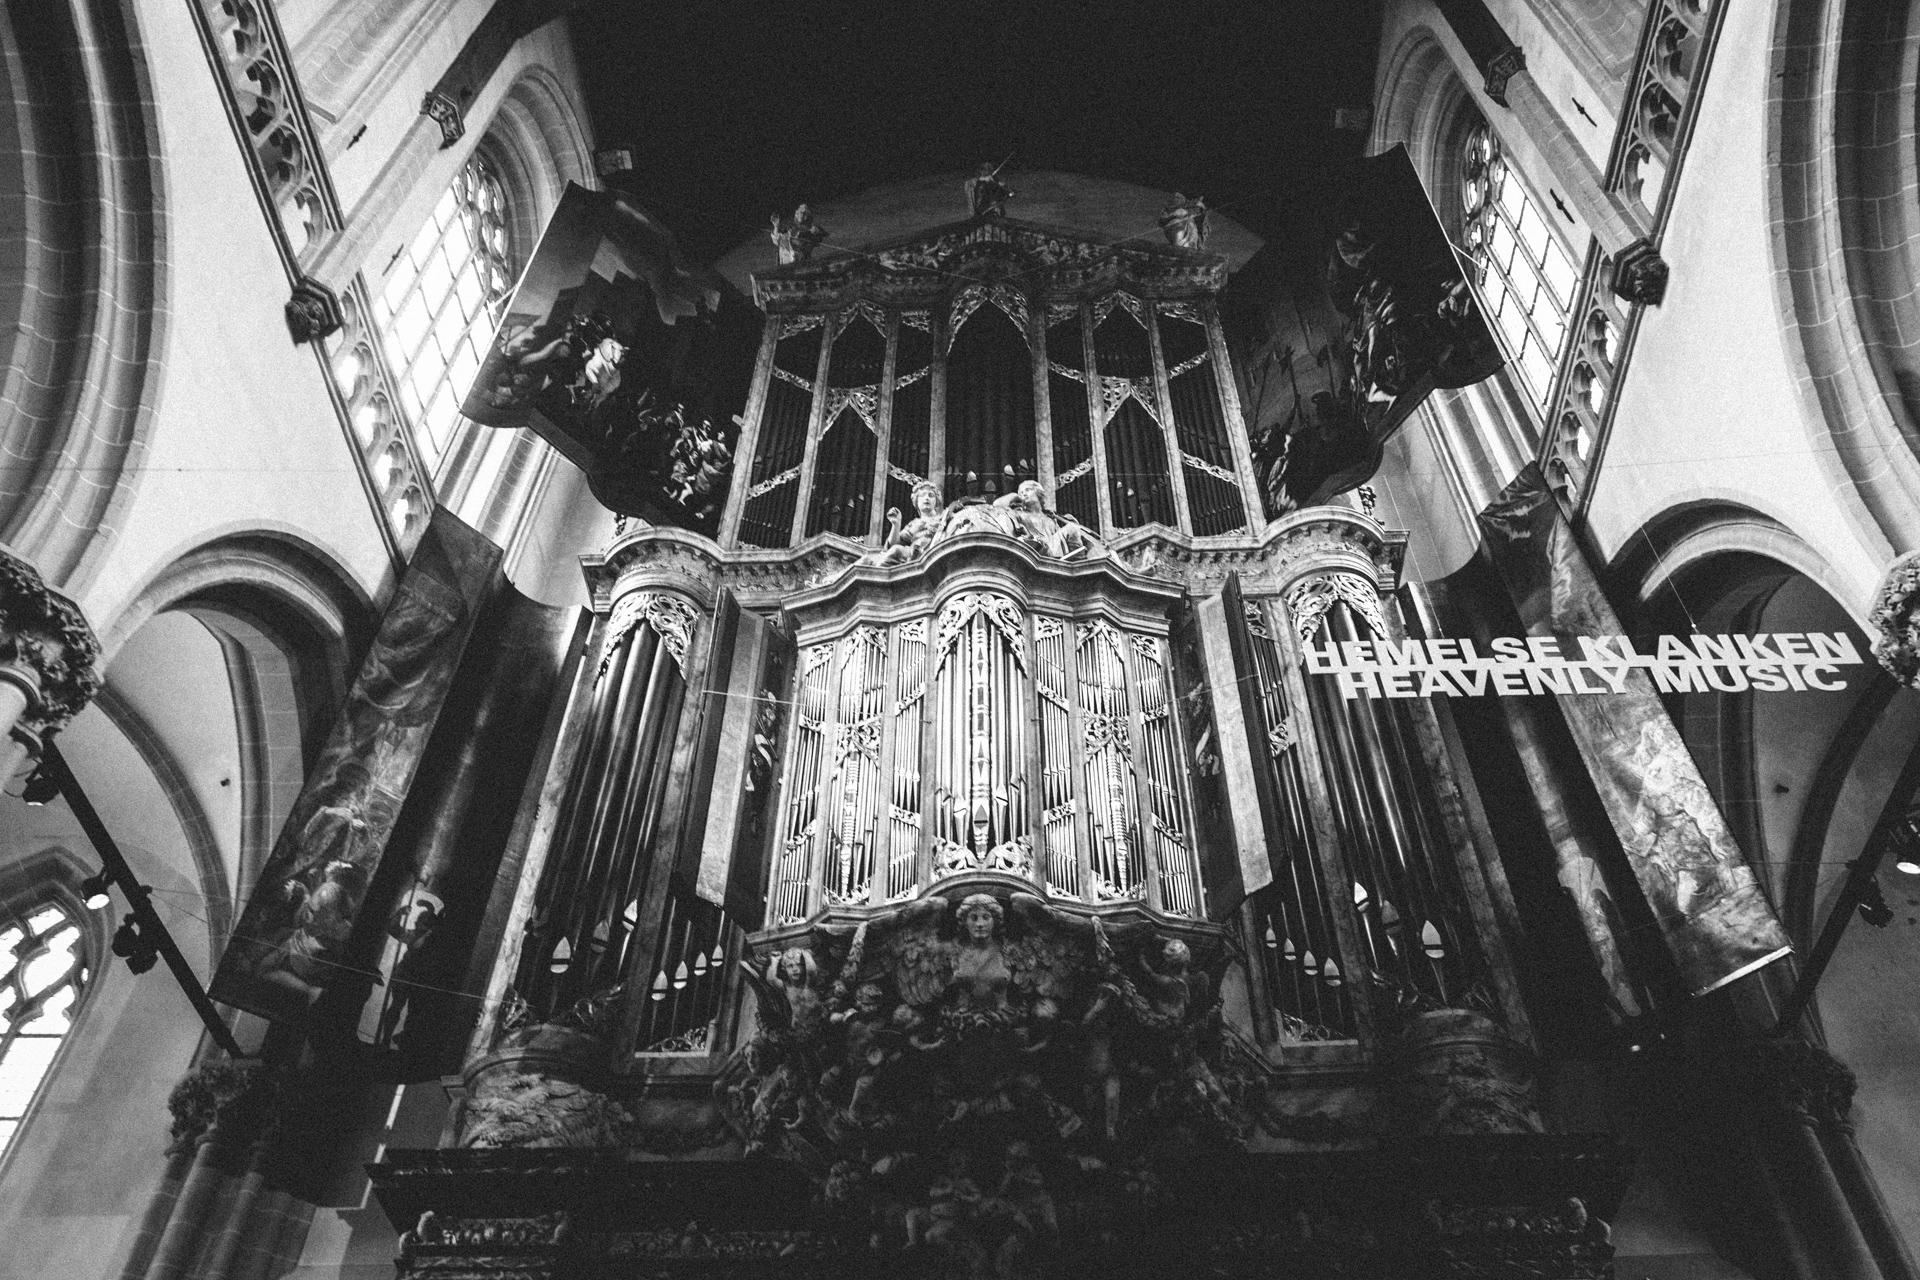 L'orgue de la Nieuwe Kerk d'Amsterdam